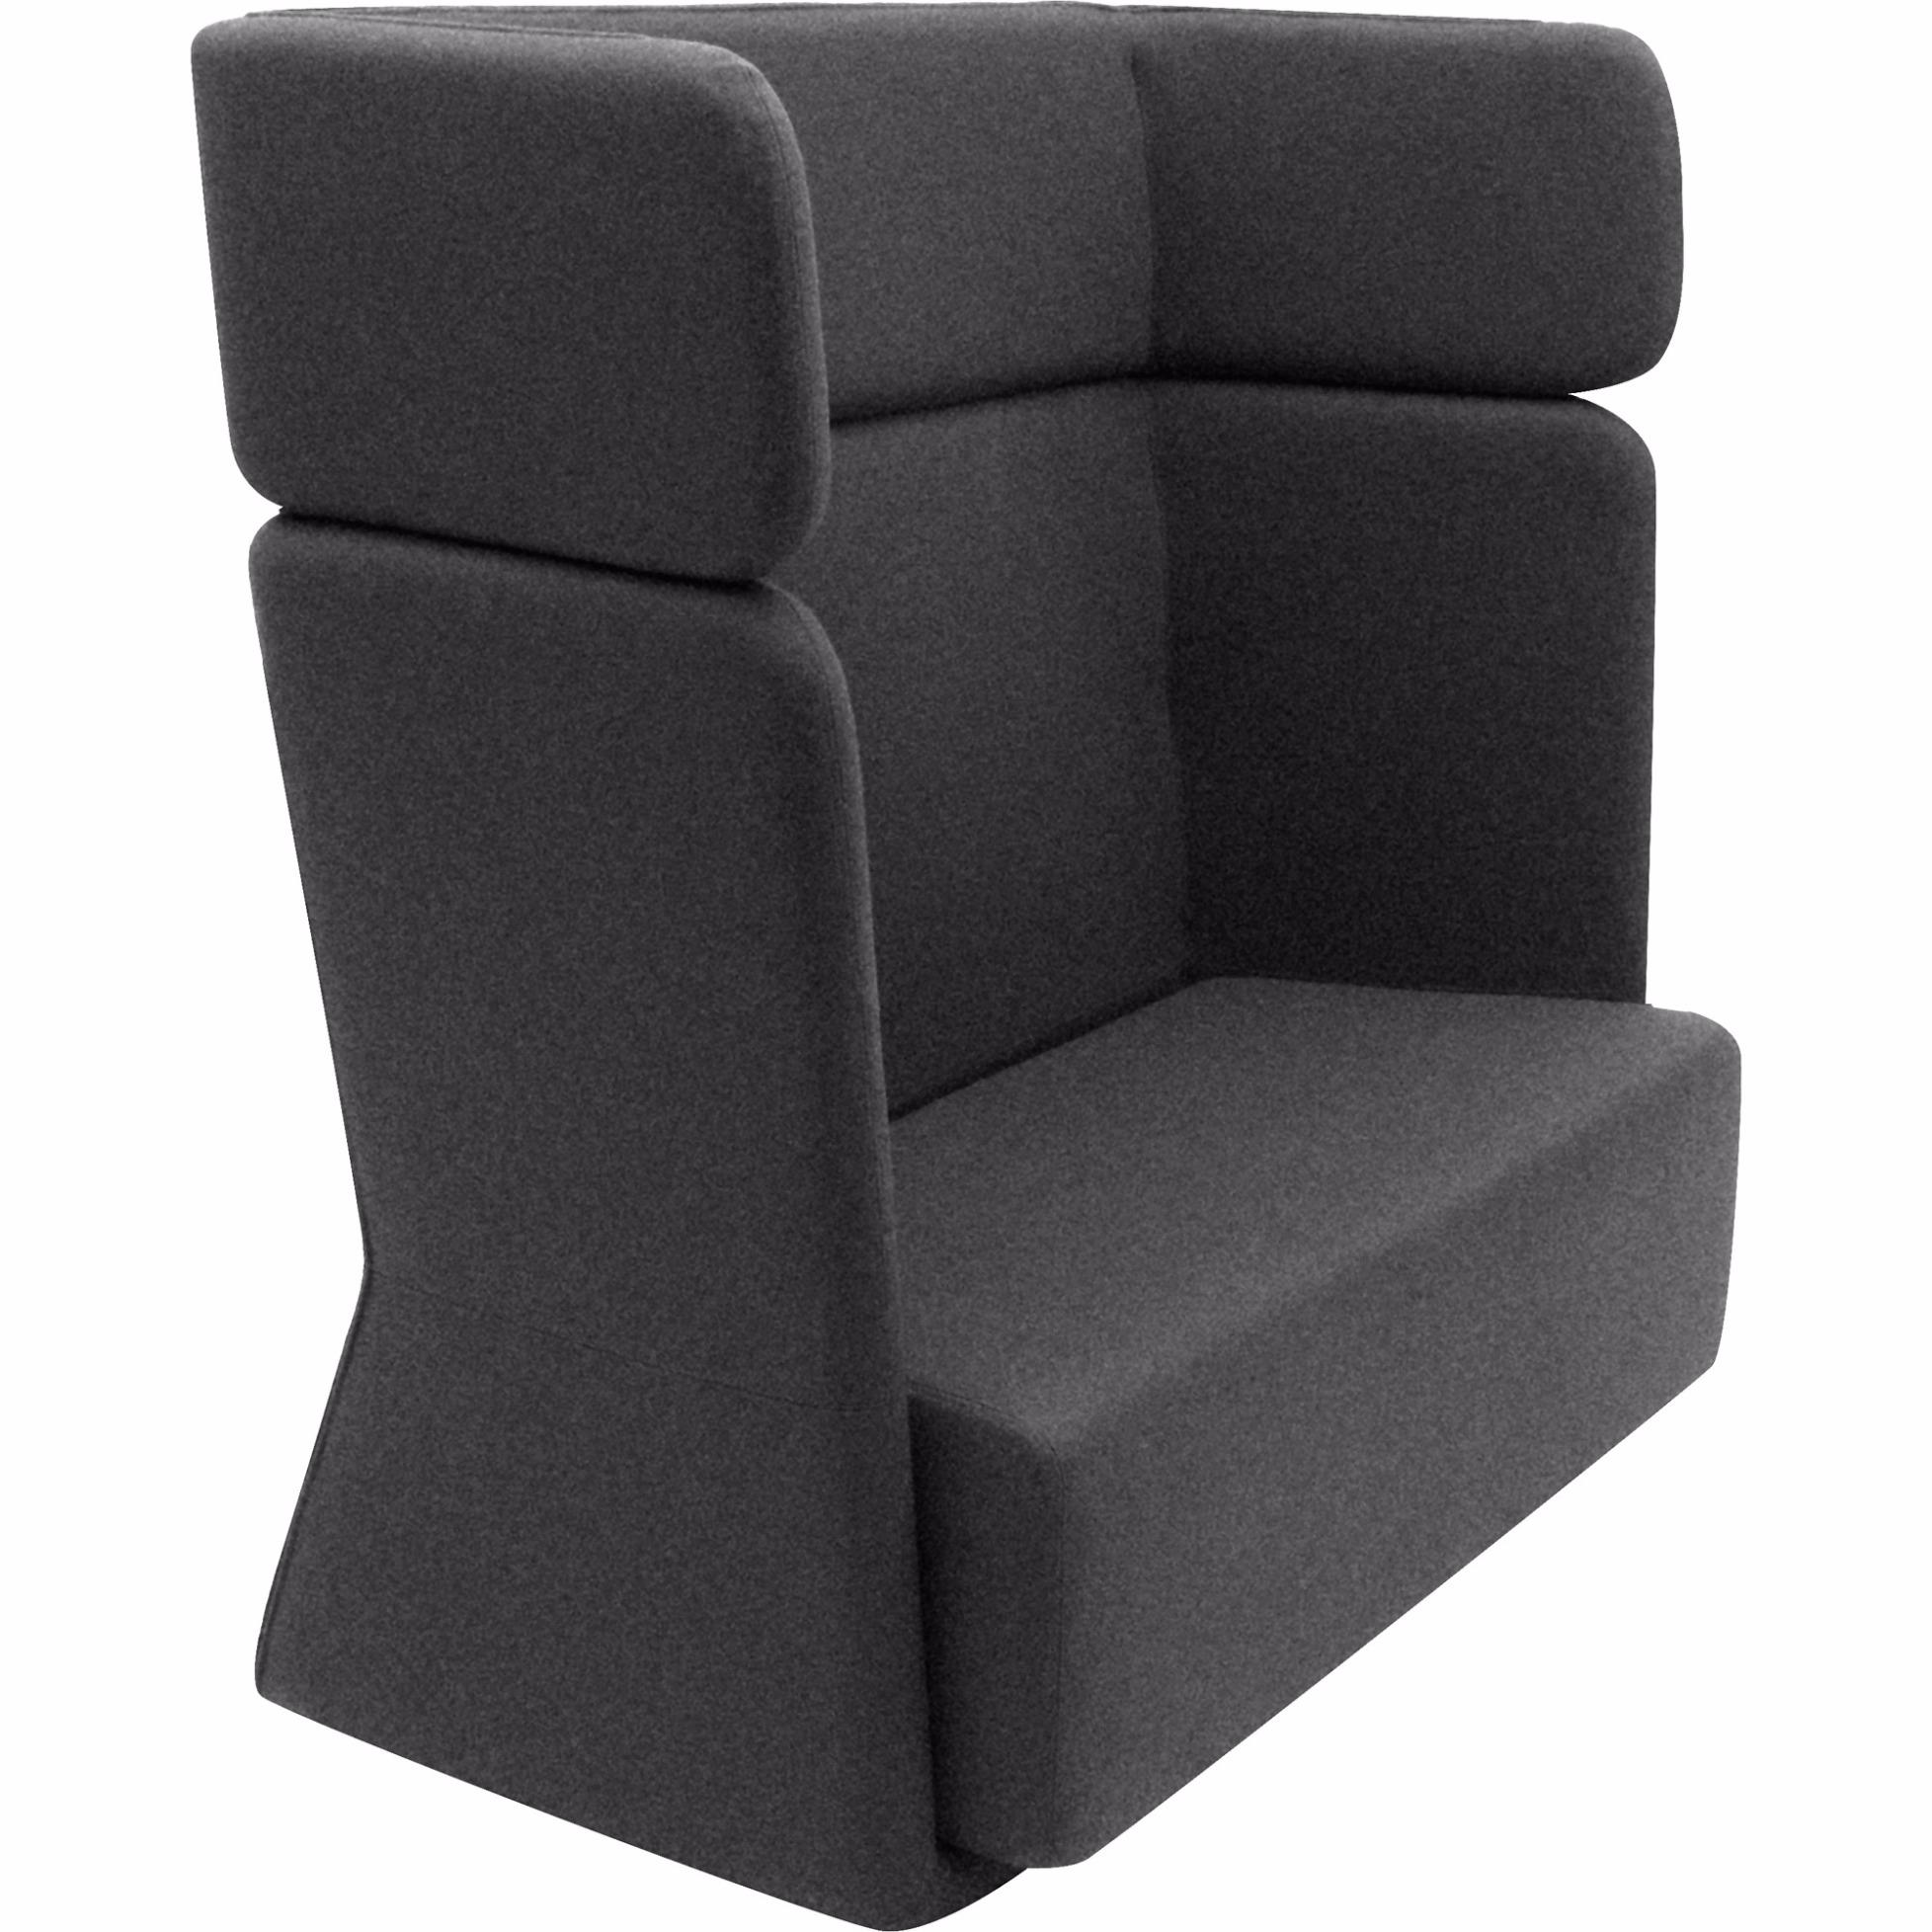 sessel sofa hoch von softline. Black Bedroom Furniture Sets. Home Design Ideas